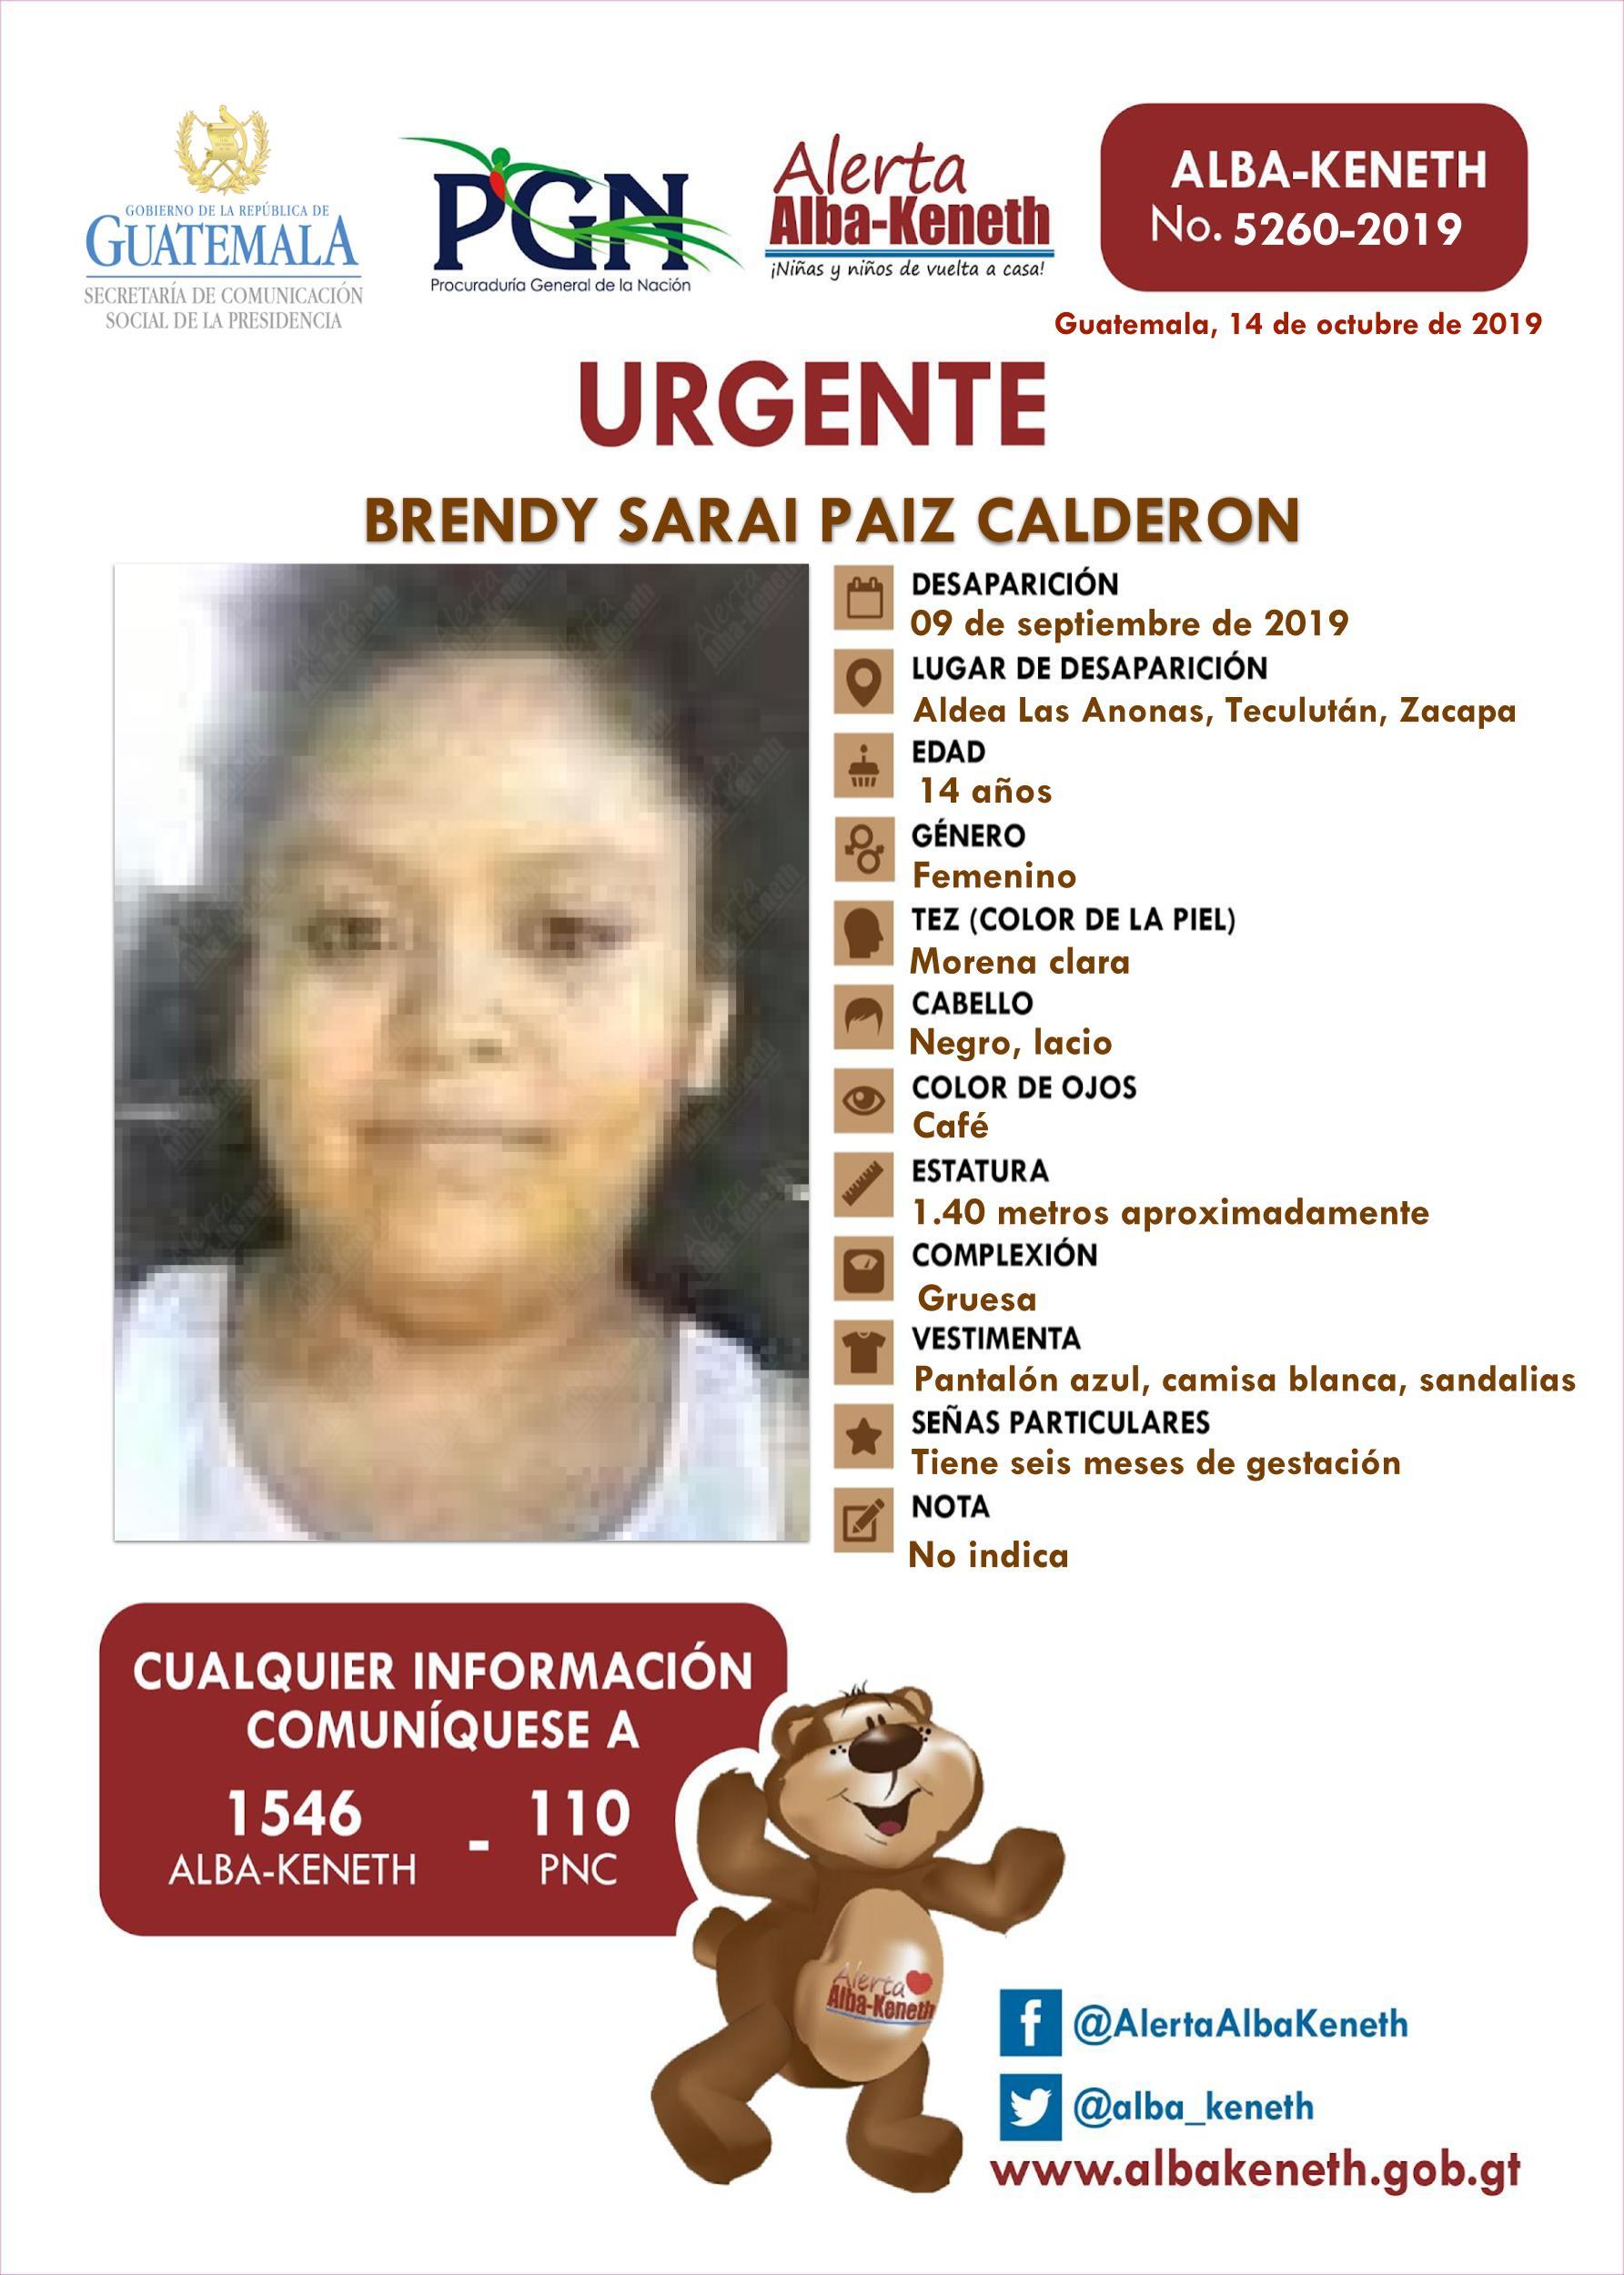 Brendy Sarai Paiz Calderon